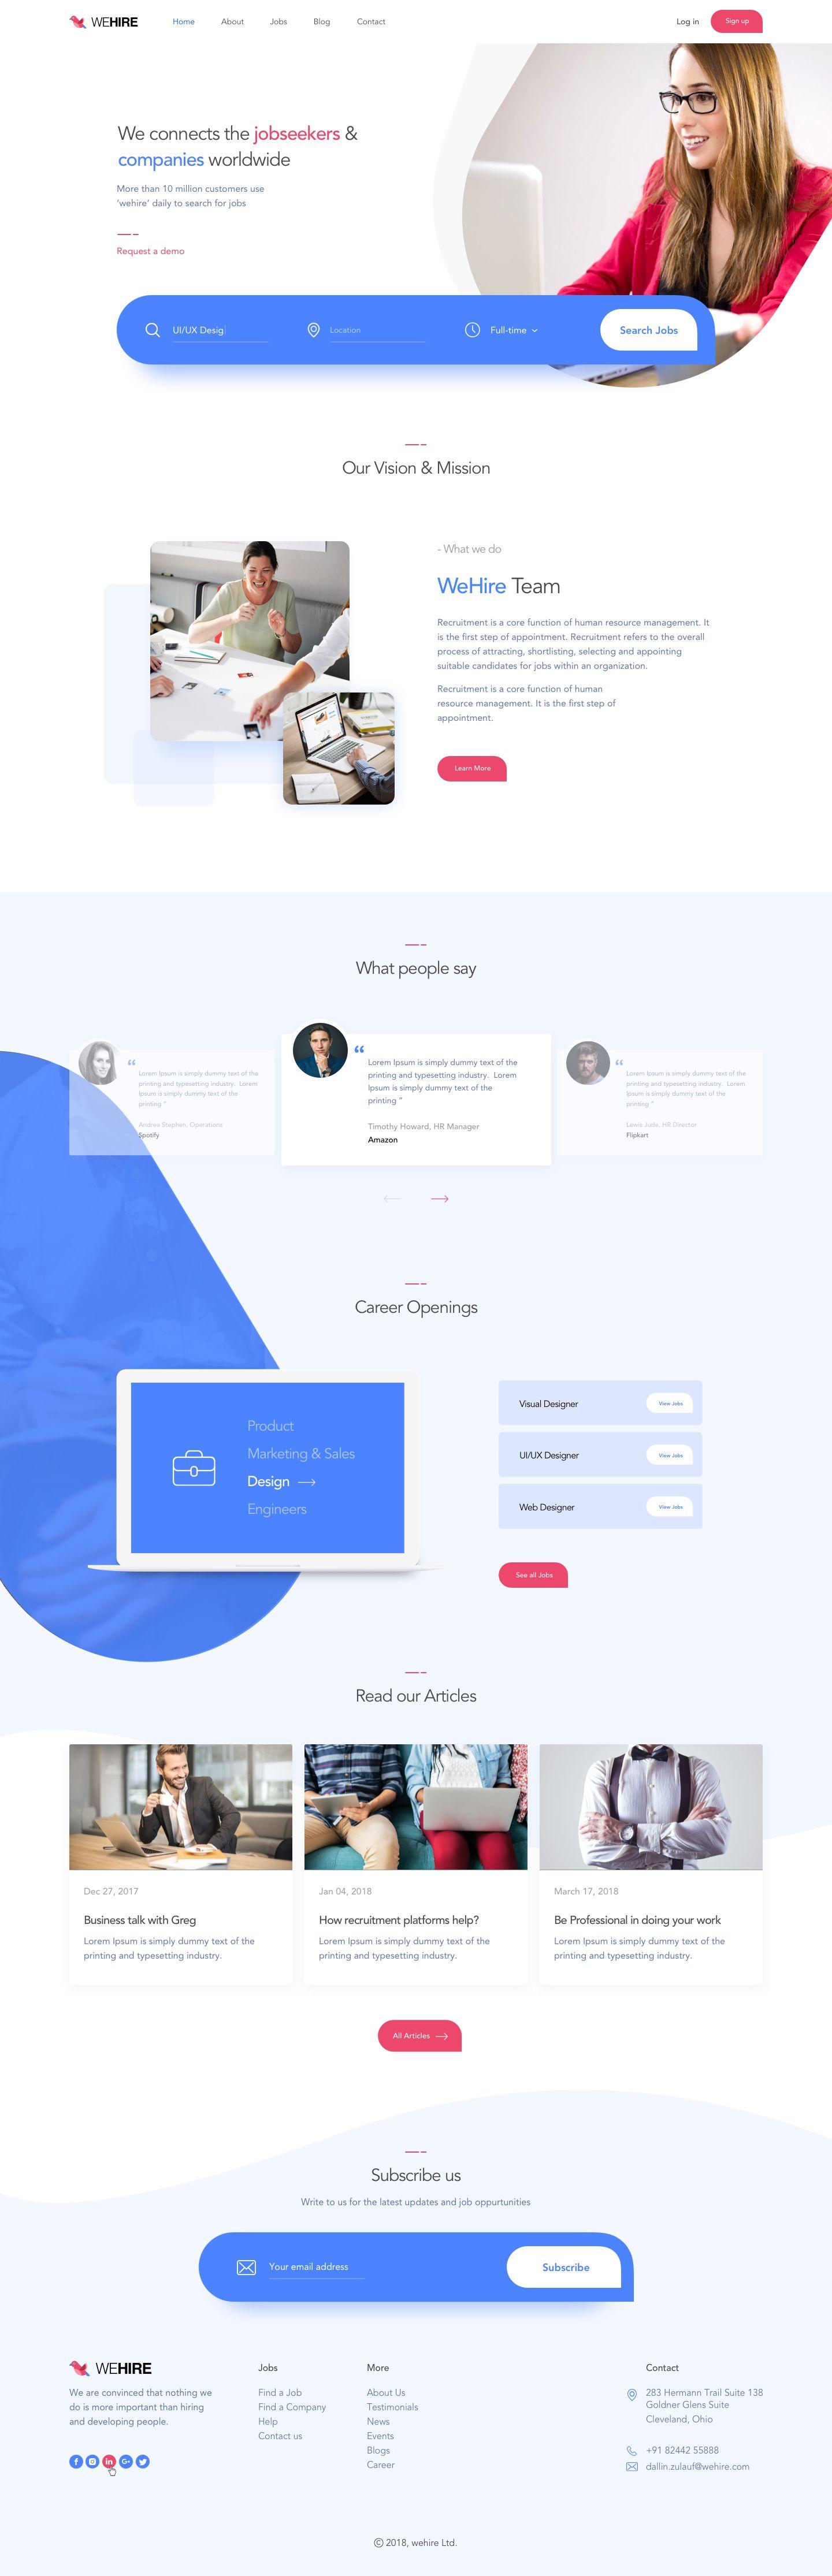 Recruitment Attachment Corporate Web Design Recruitment Website Design Startup Design